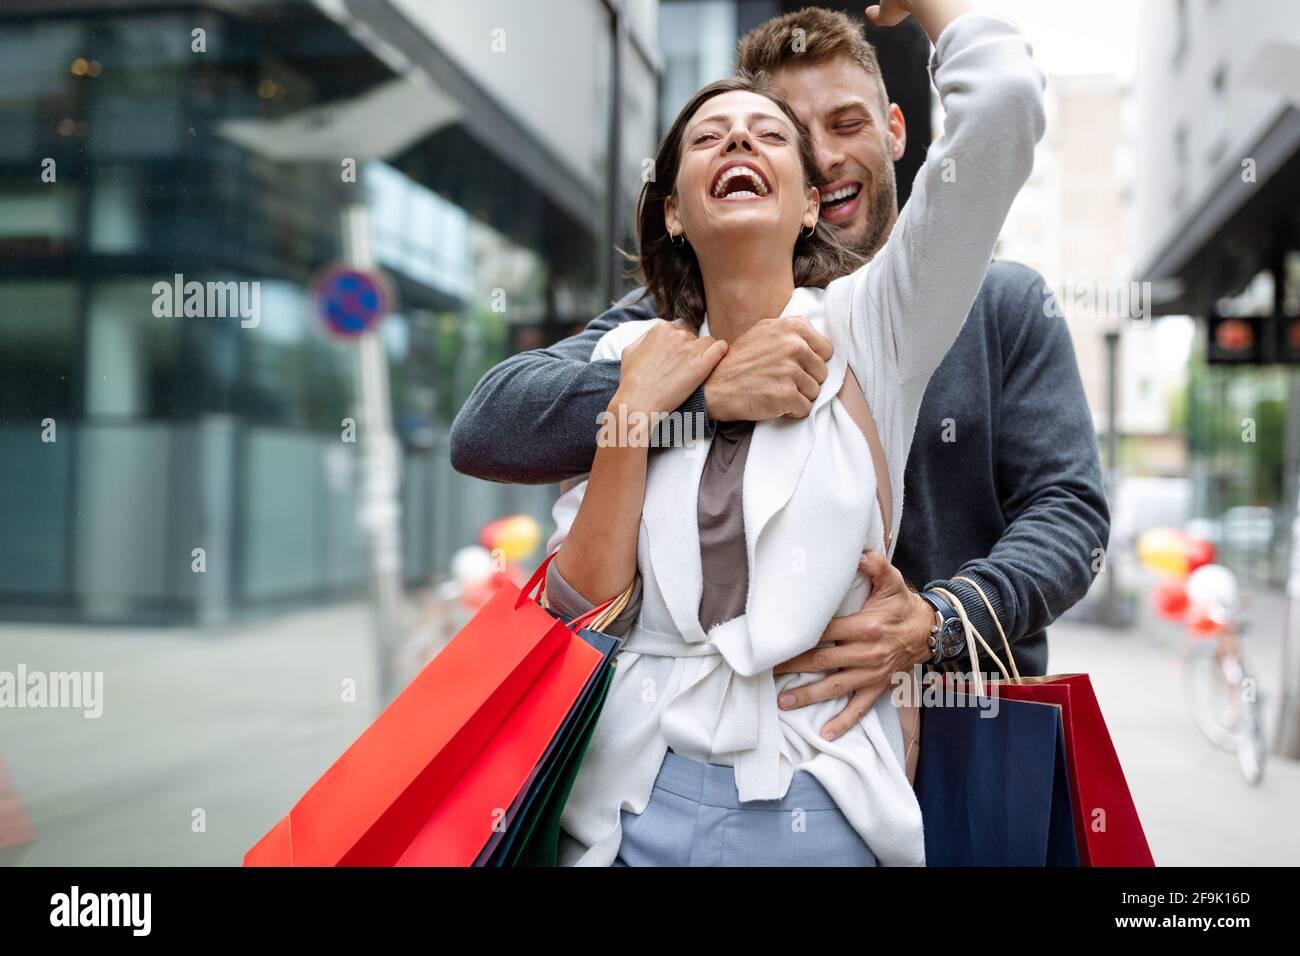 Hermosa pareja joven y cariñosa caminando por la calle con bolsas de compras Foto de stock